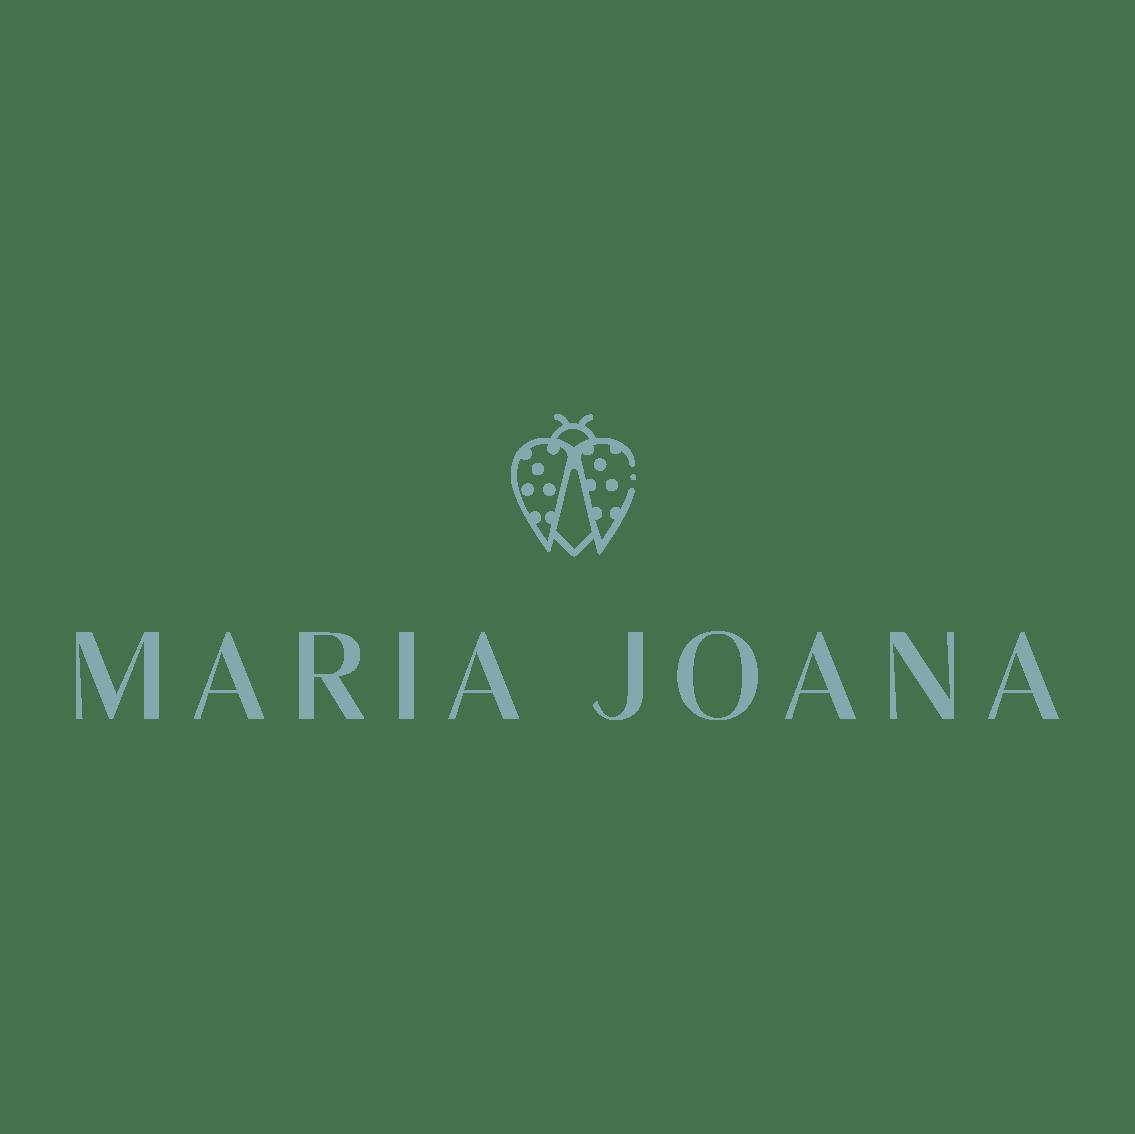 Maria Joana Semi Joias